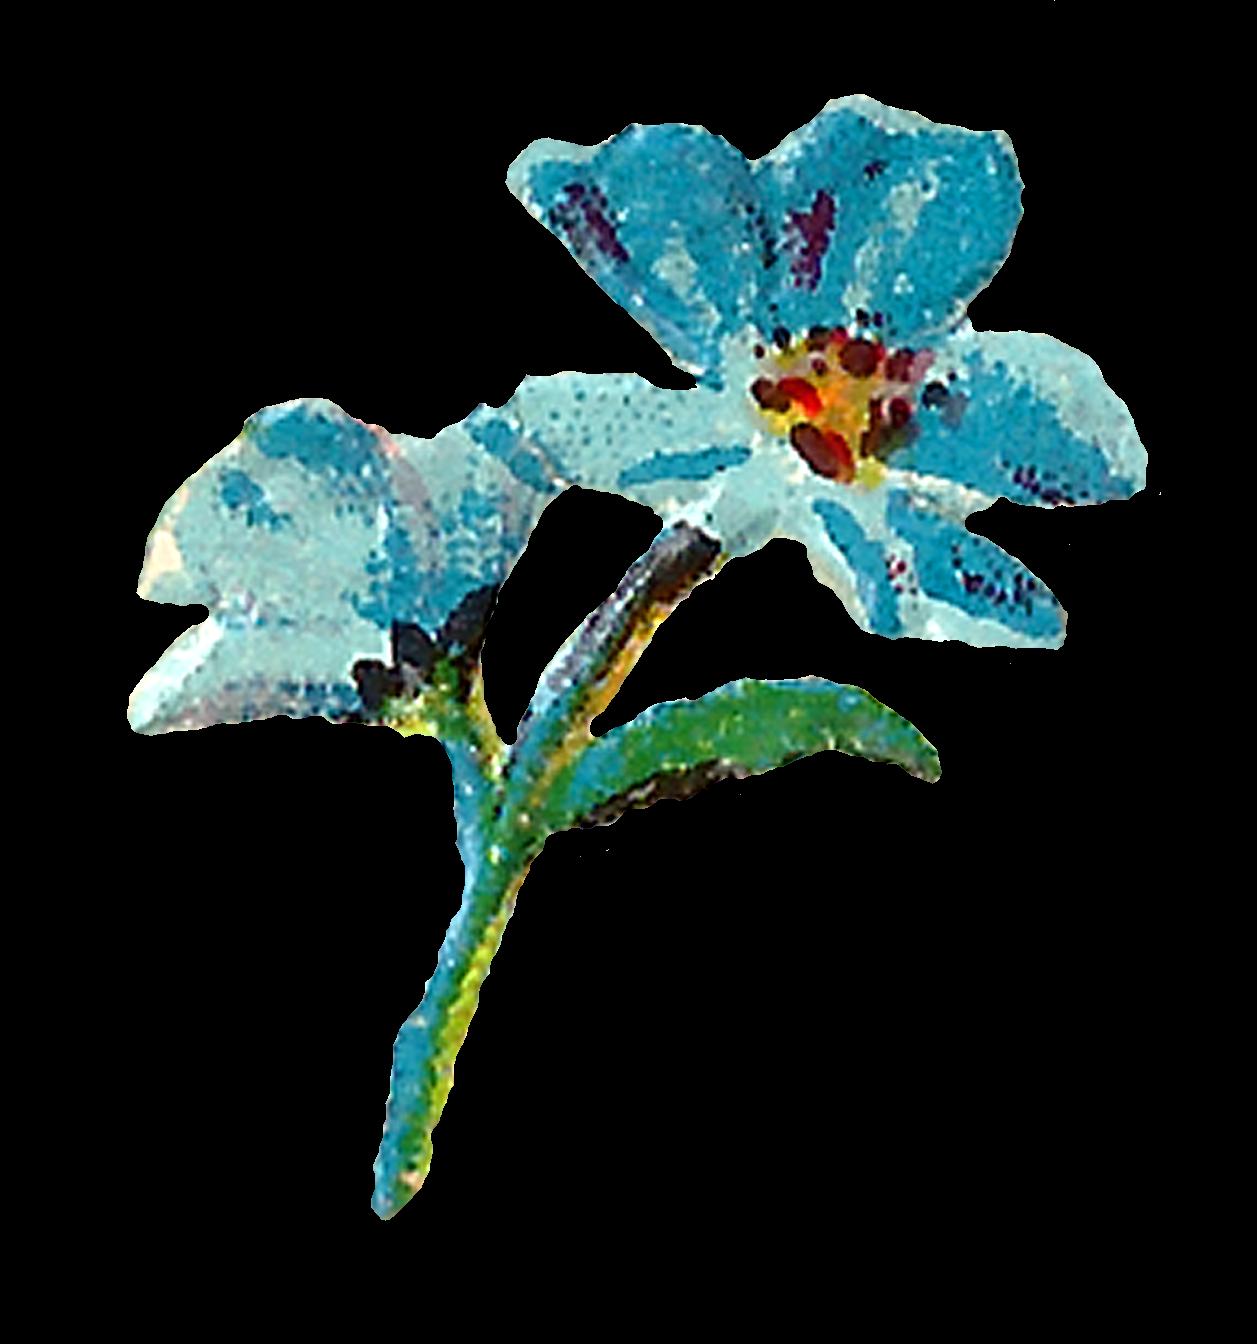 Floral clipart pastel. Antique images digital flowers